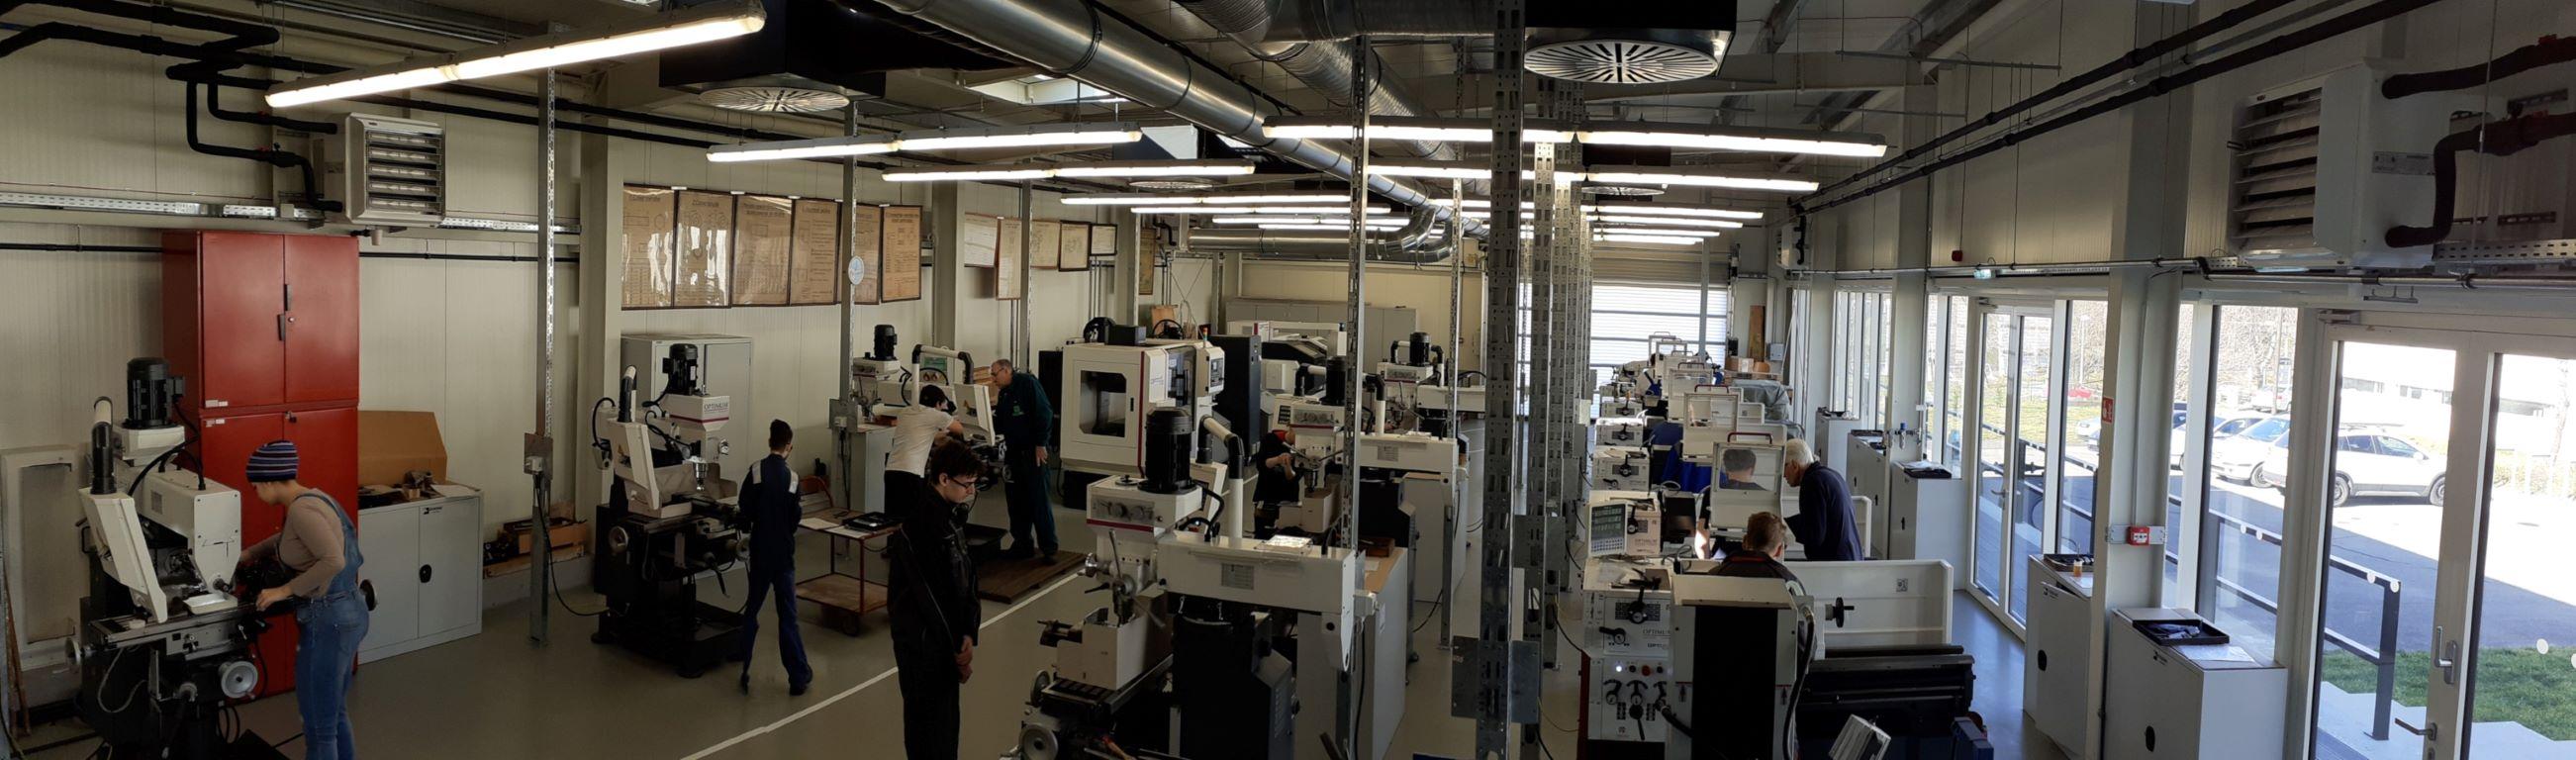 Szakmunkástanulók tanulhatnak a PTE MIK tanműhelyében